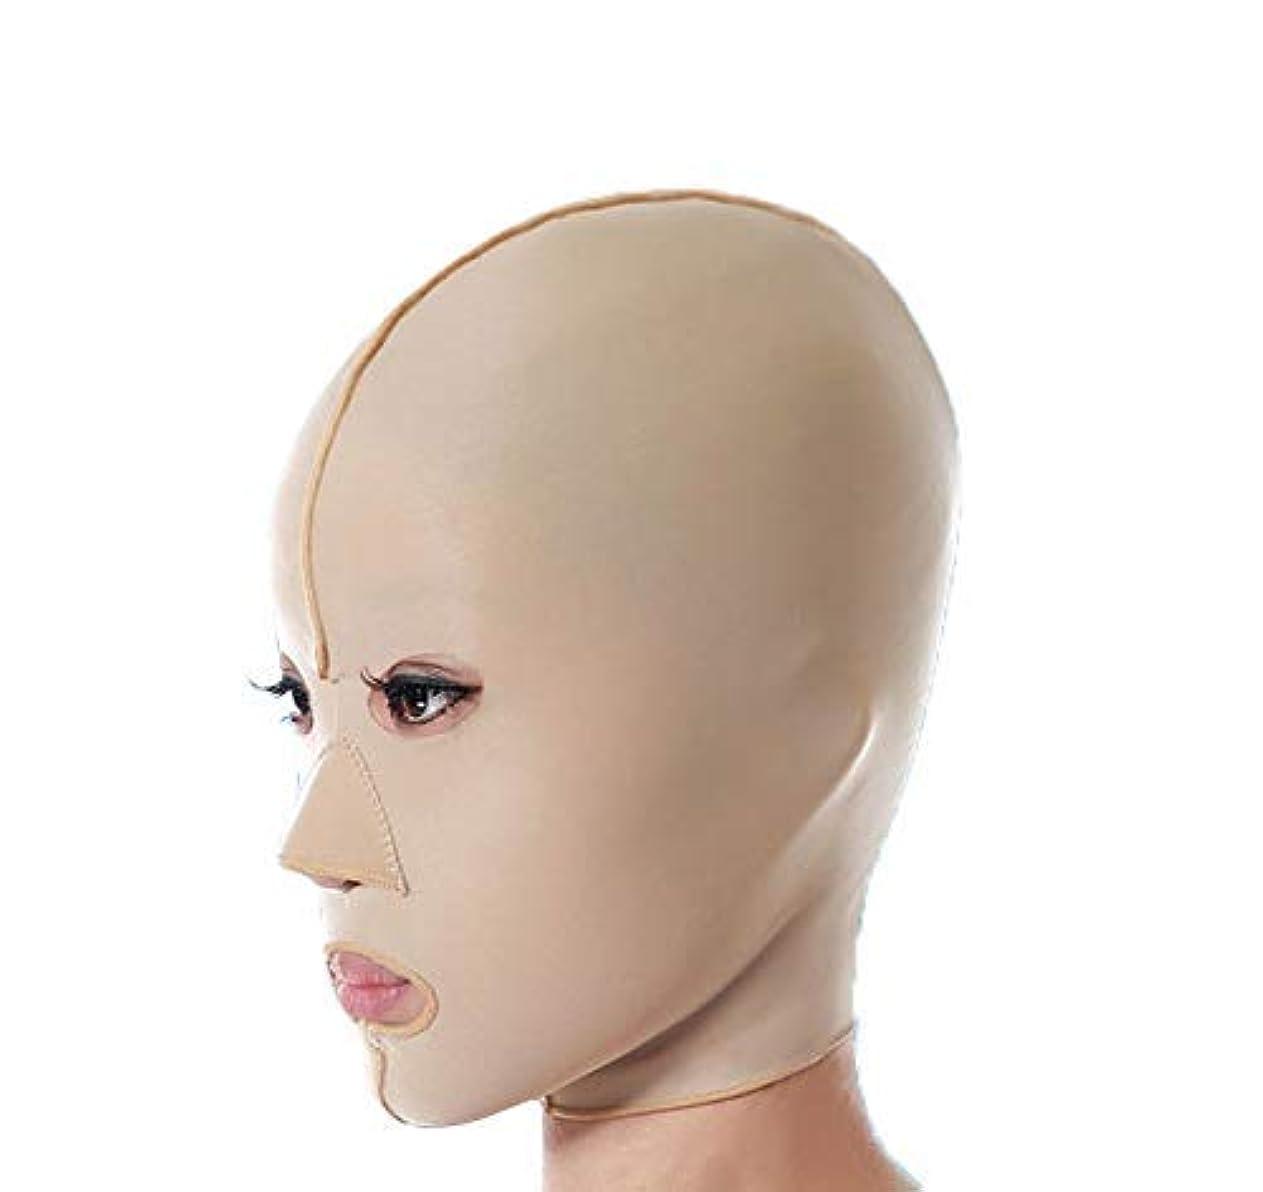 のために意図ベアリングサークルファーミングフェイスマスク、フェイシャルマスク医学強力なフェイスマスクアーティファクト美容垂れ防止法パターンフェイシャルリフティングファーミングフルフェイスマスク(サイズ:M),S